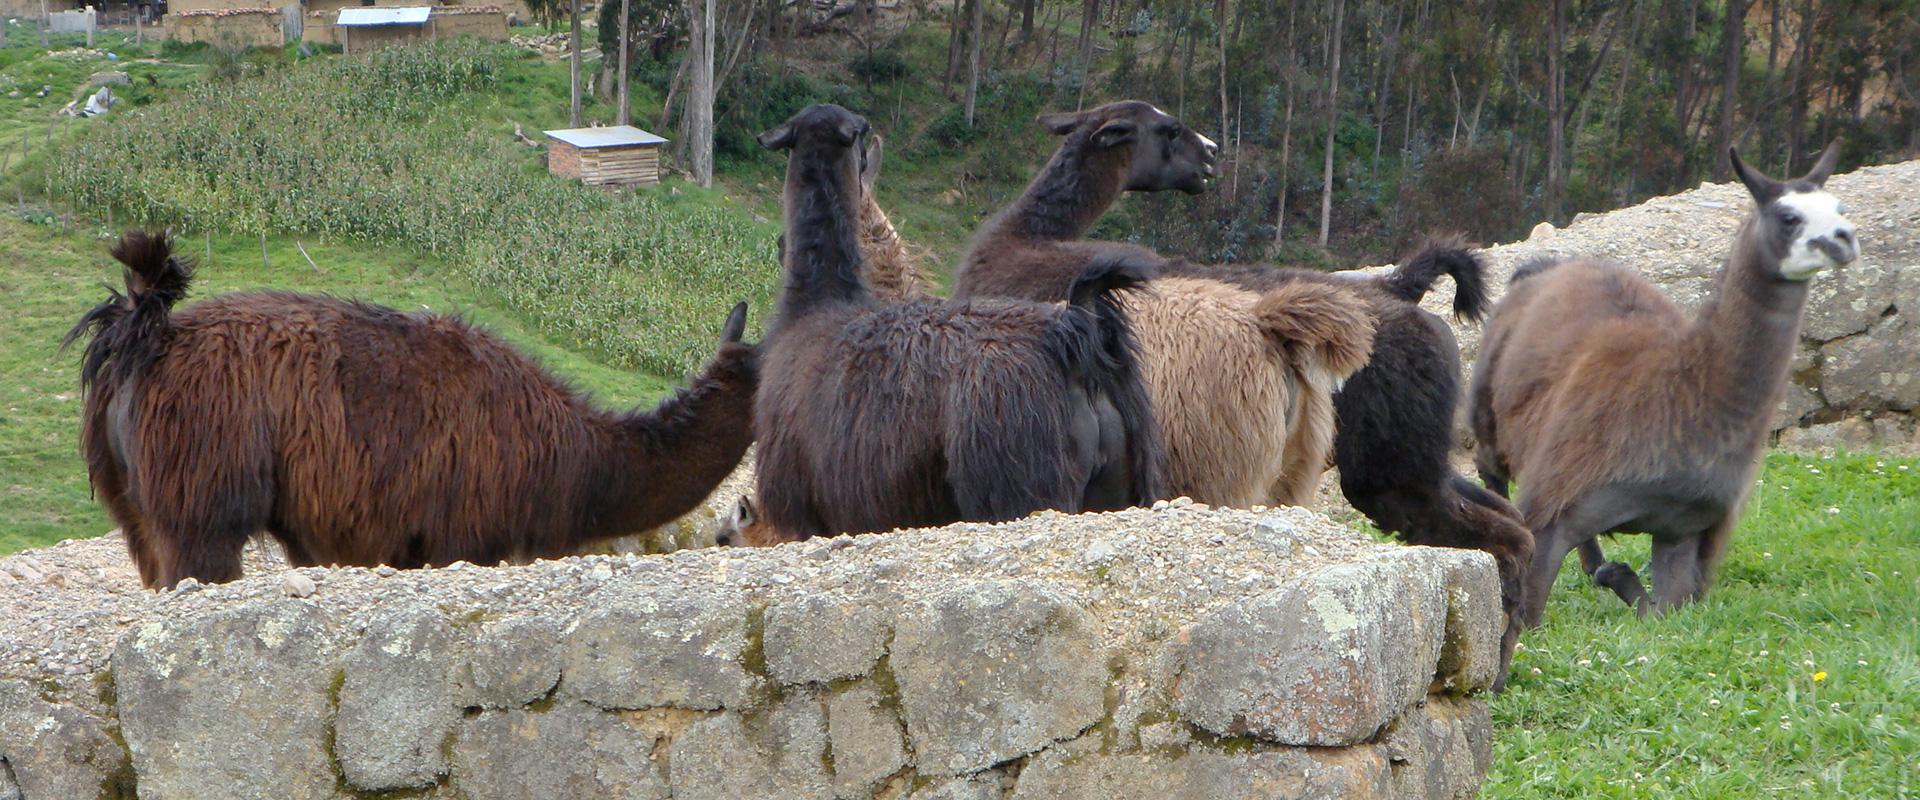 Cajas llamas Andes Wildlife